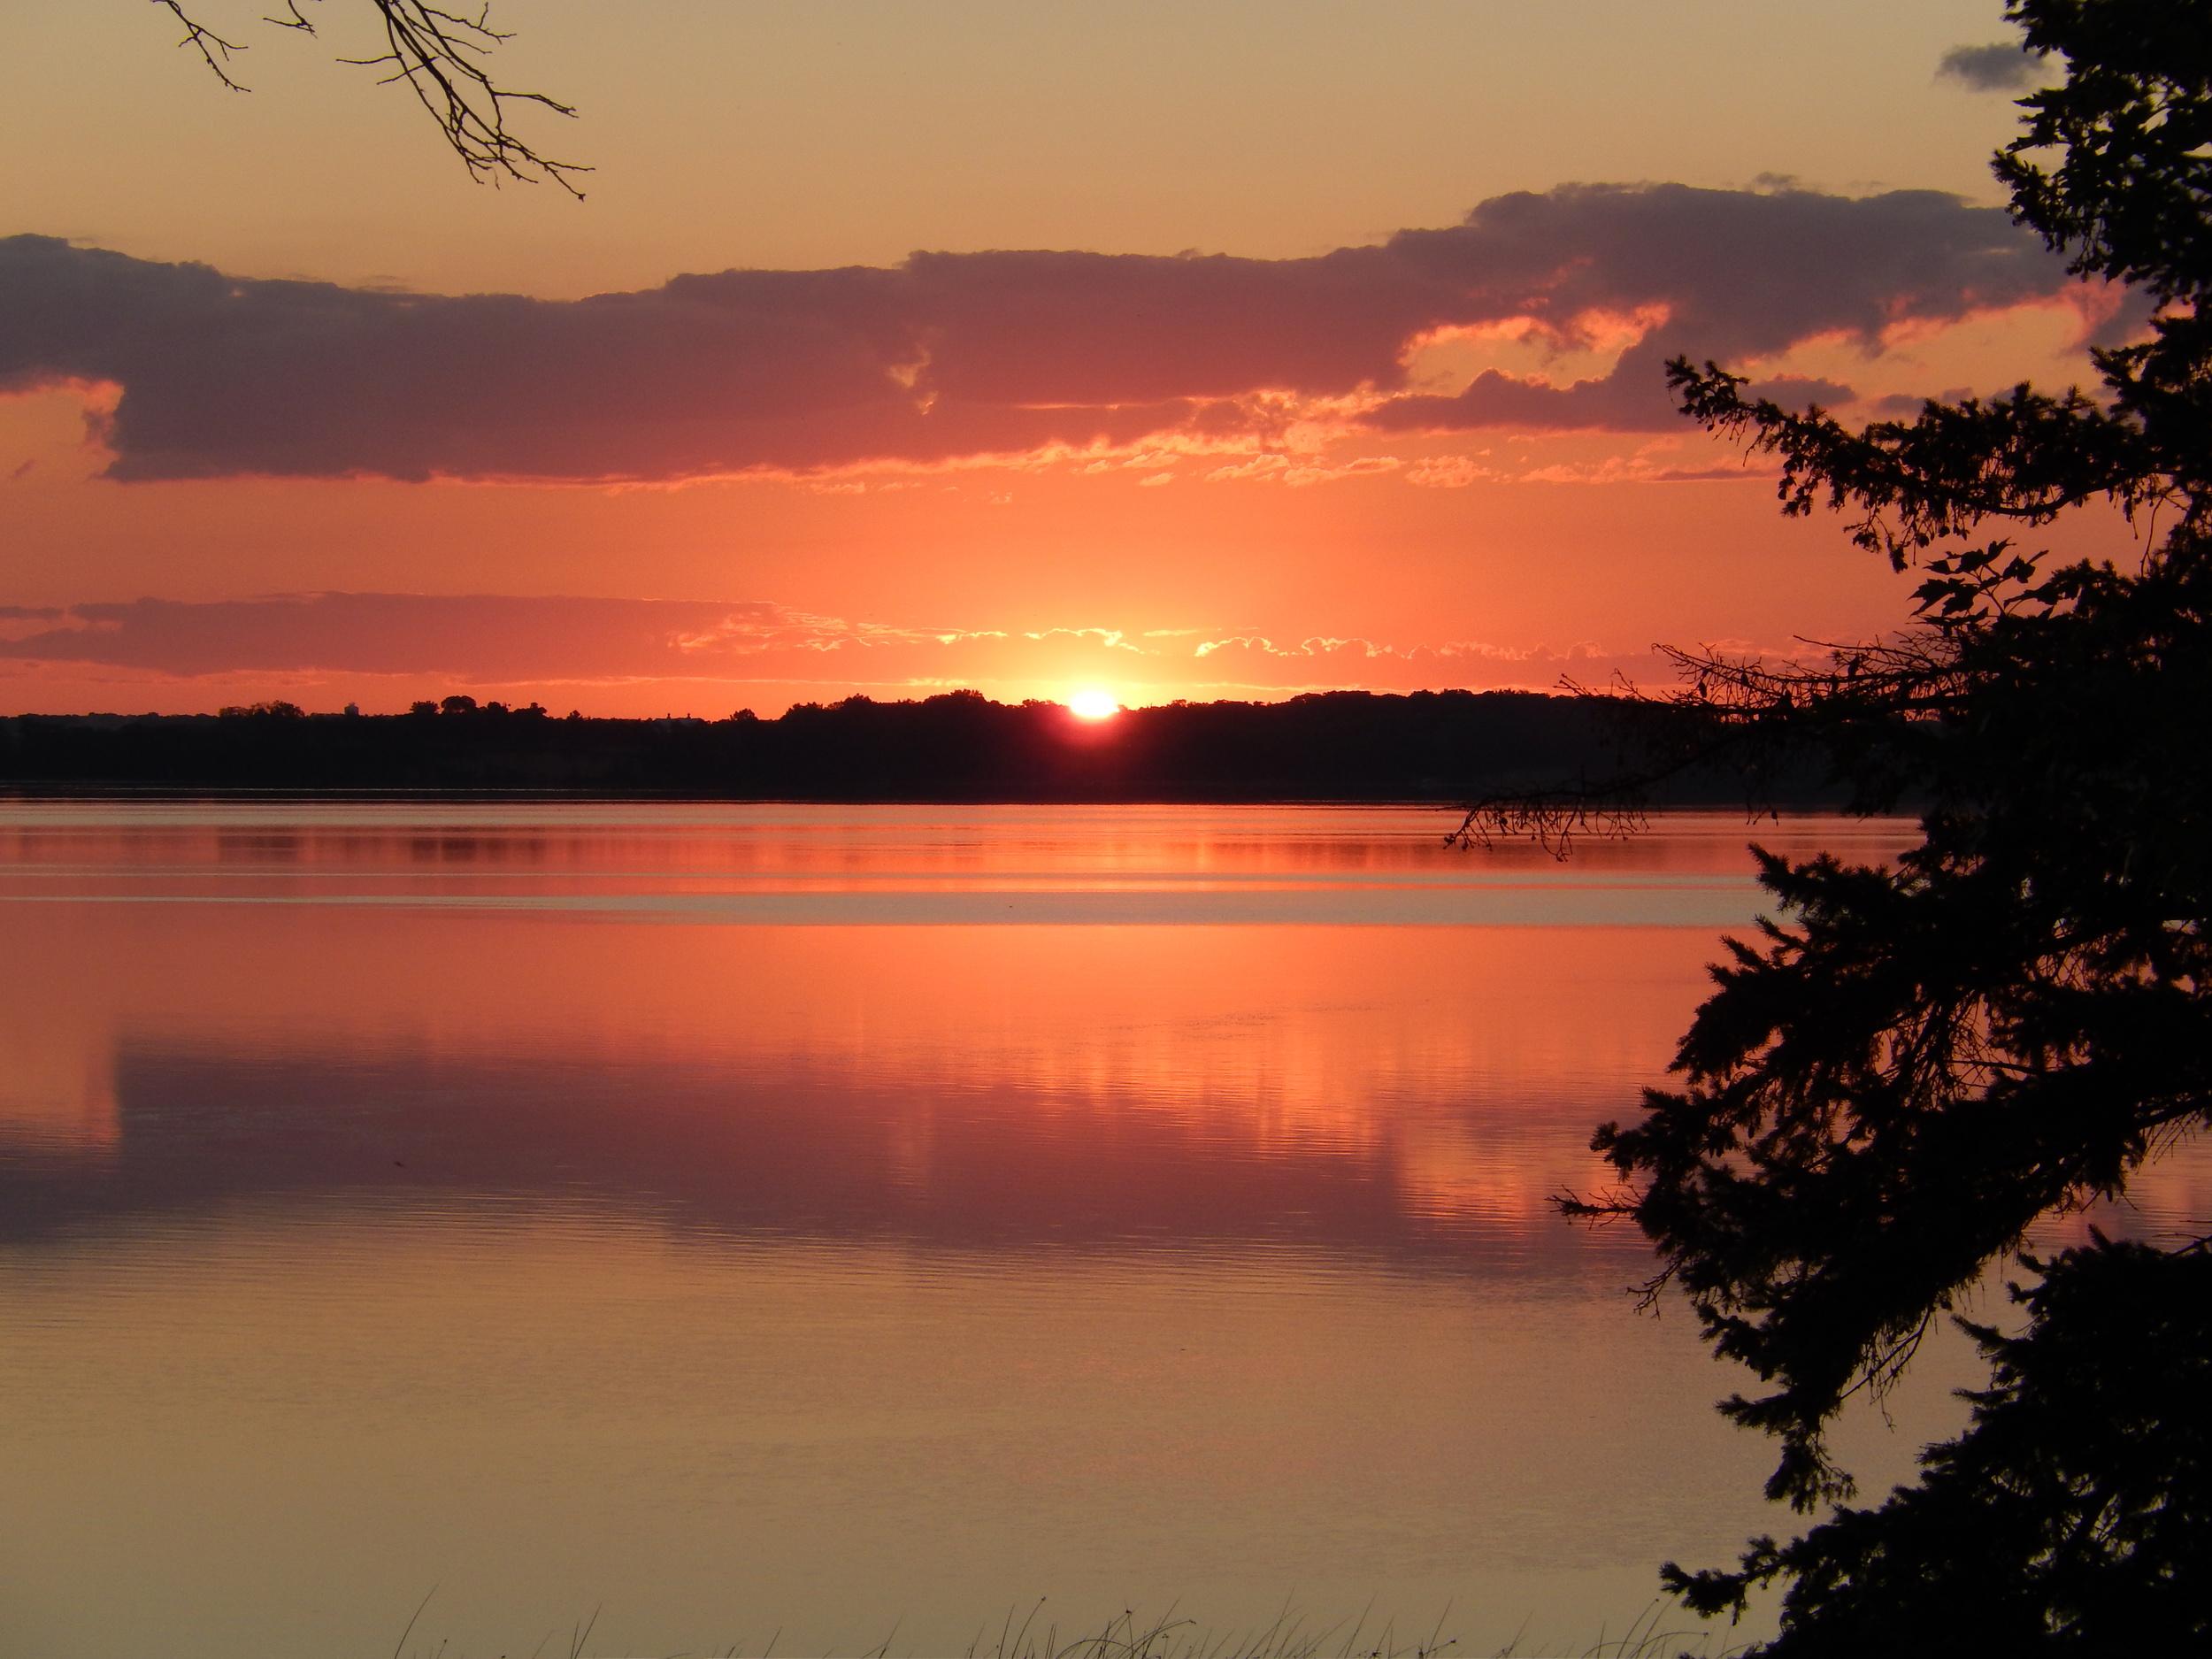 Sunset Over Lake Waconia